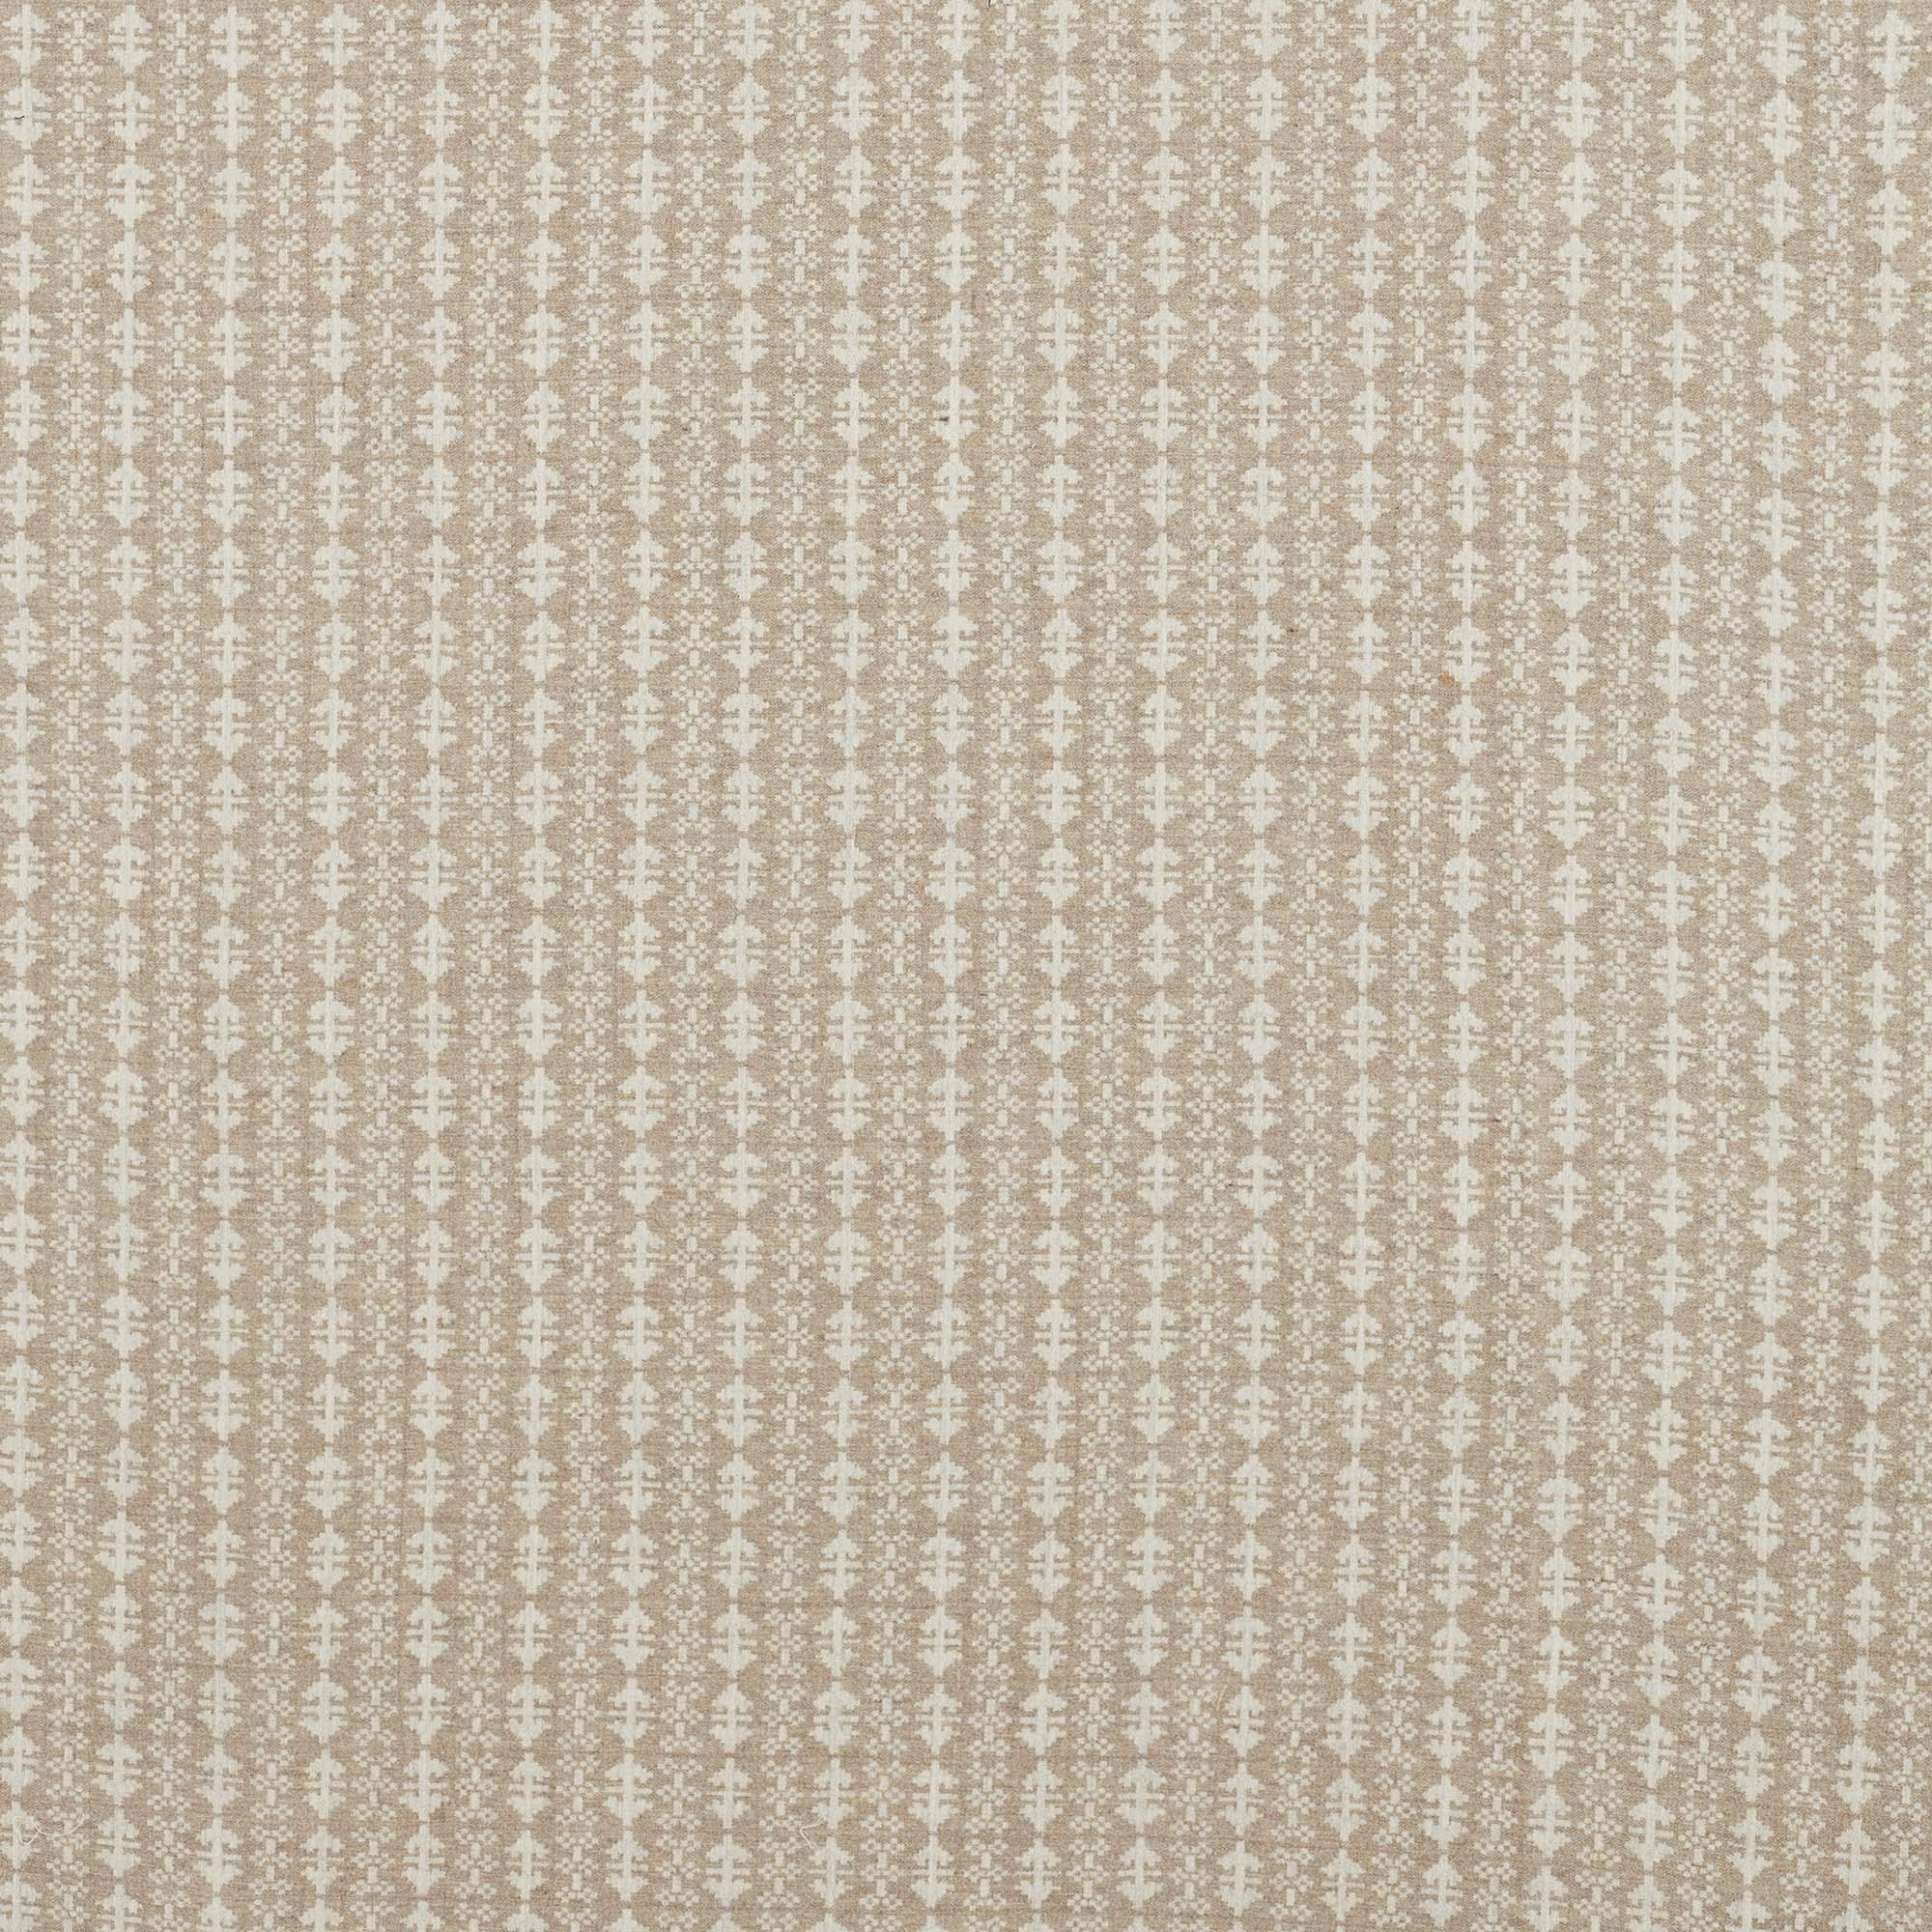 ウィリアムモリス生地 Pure Fota Wool 236611